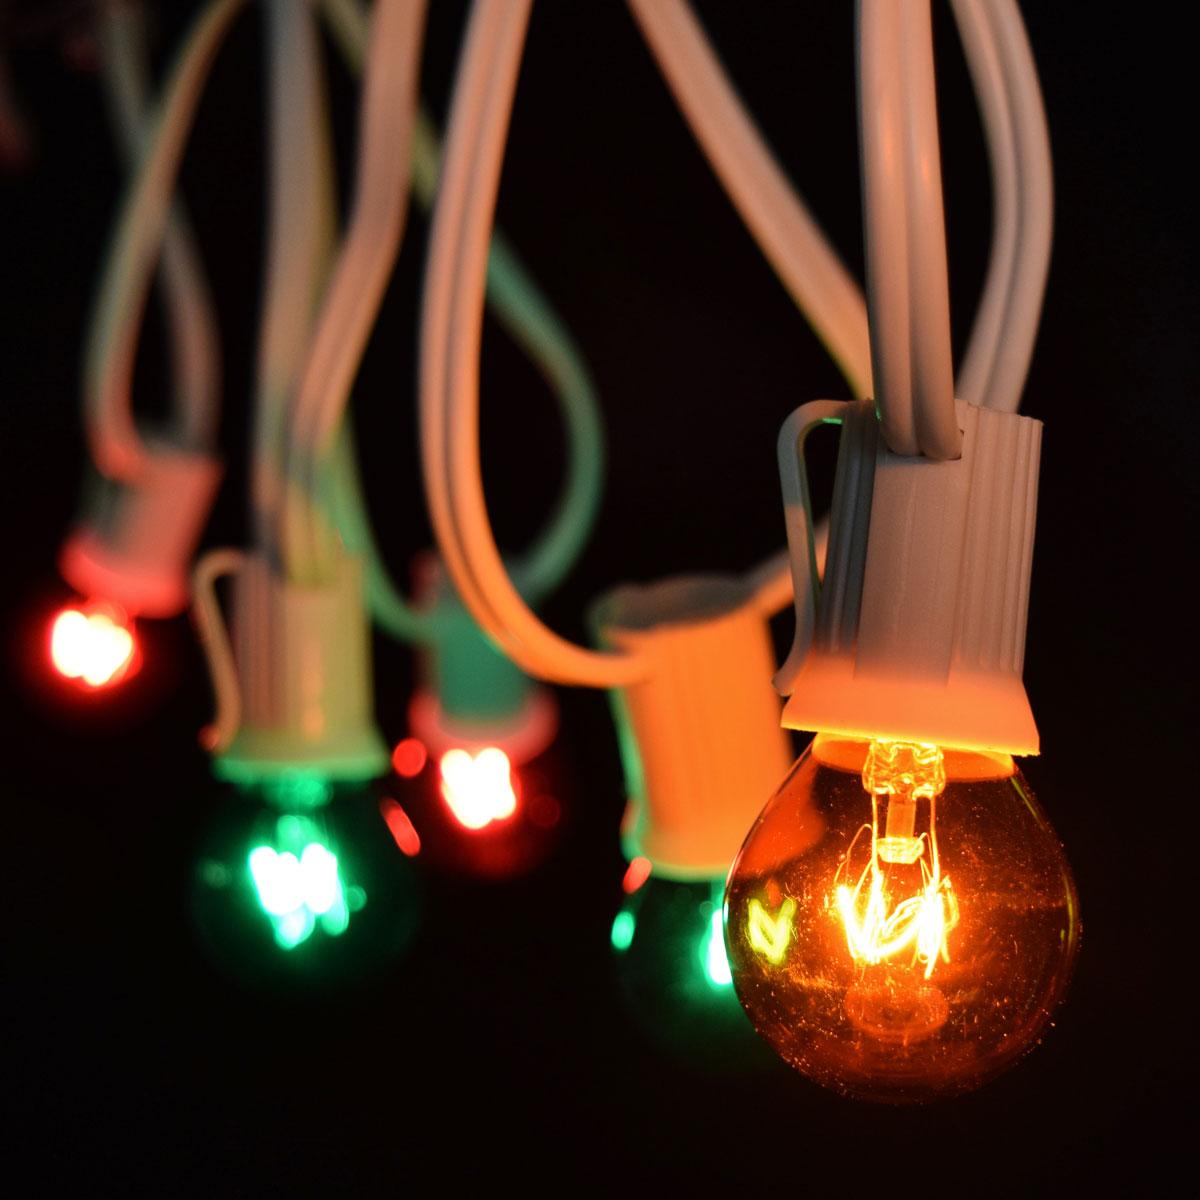 Red/Green/Amber Globe String Lights - 25 White C9 Light Strand